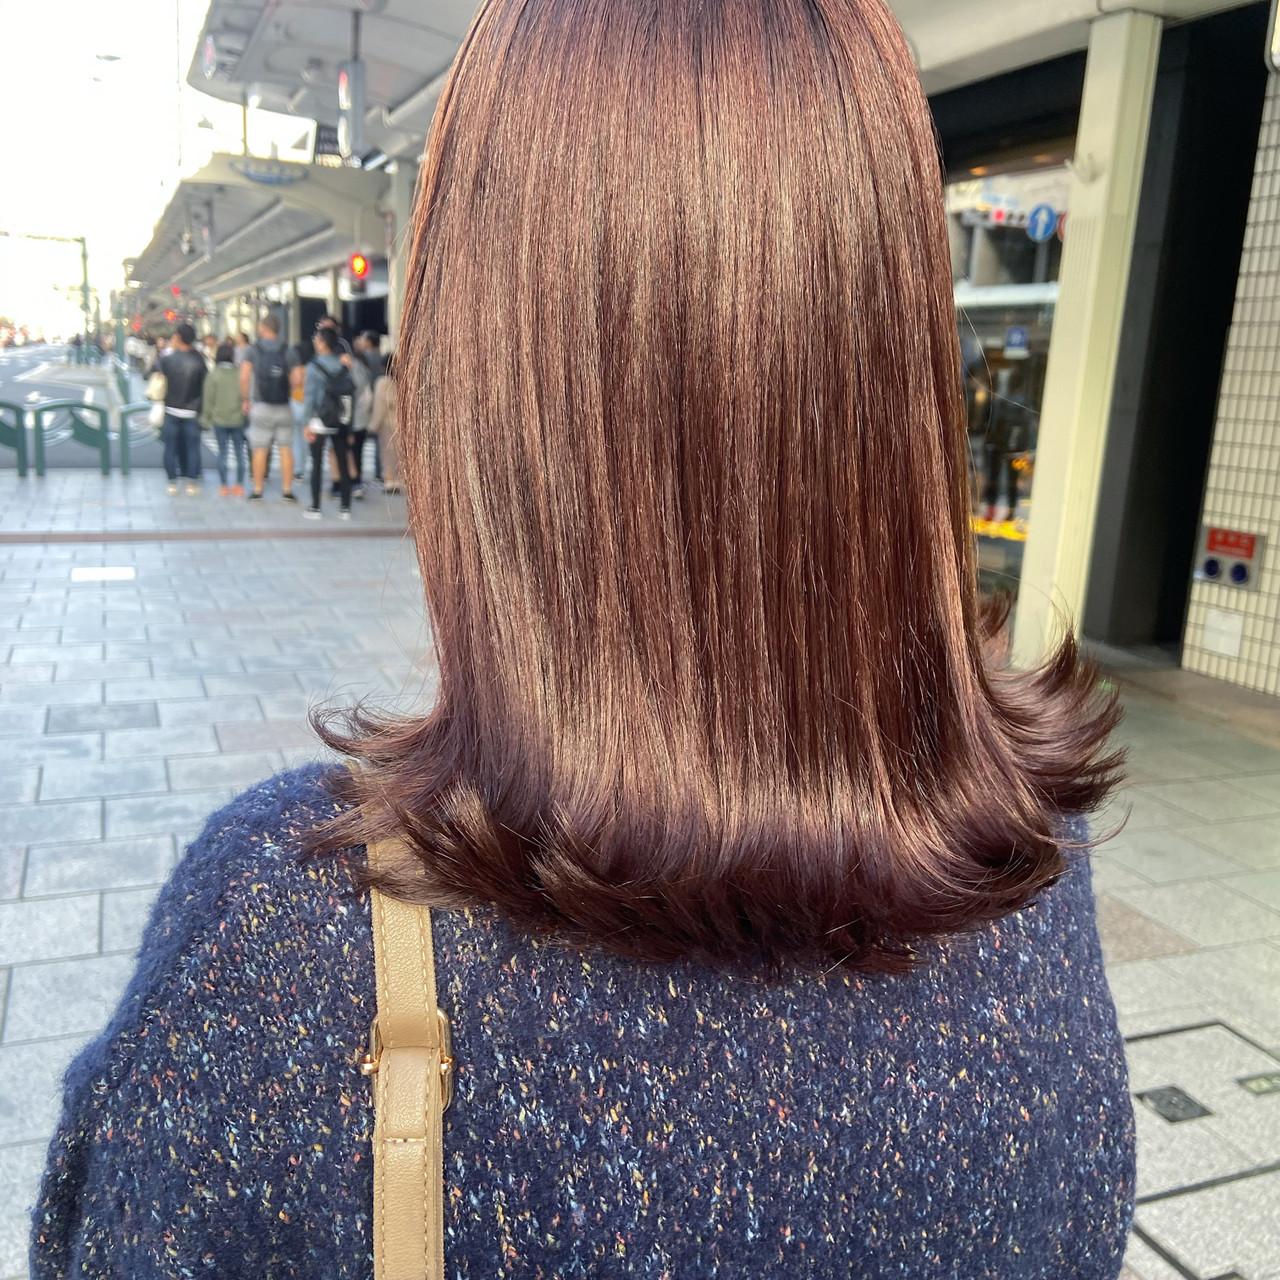 ミディアムレイヤー 大人ミディアム ミディアム ミディアムヘアー ヘアスタイルや髪型の写真・画像